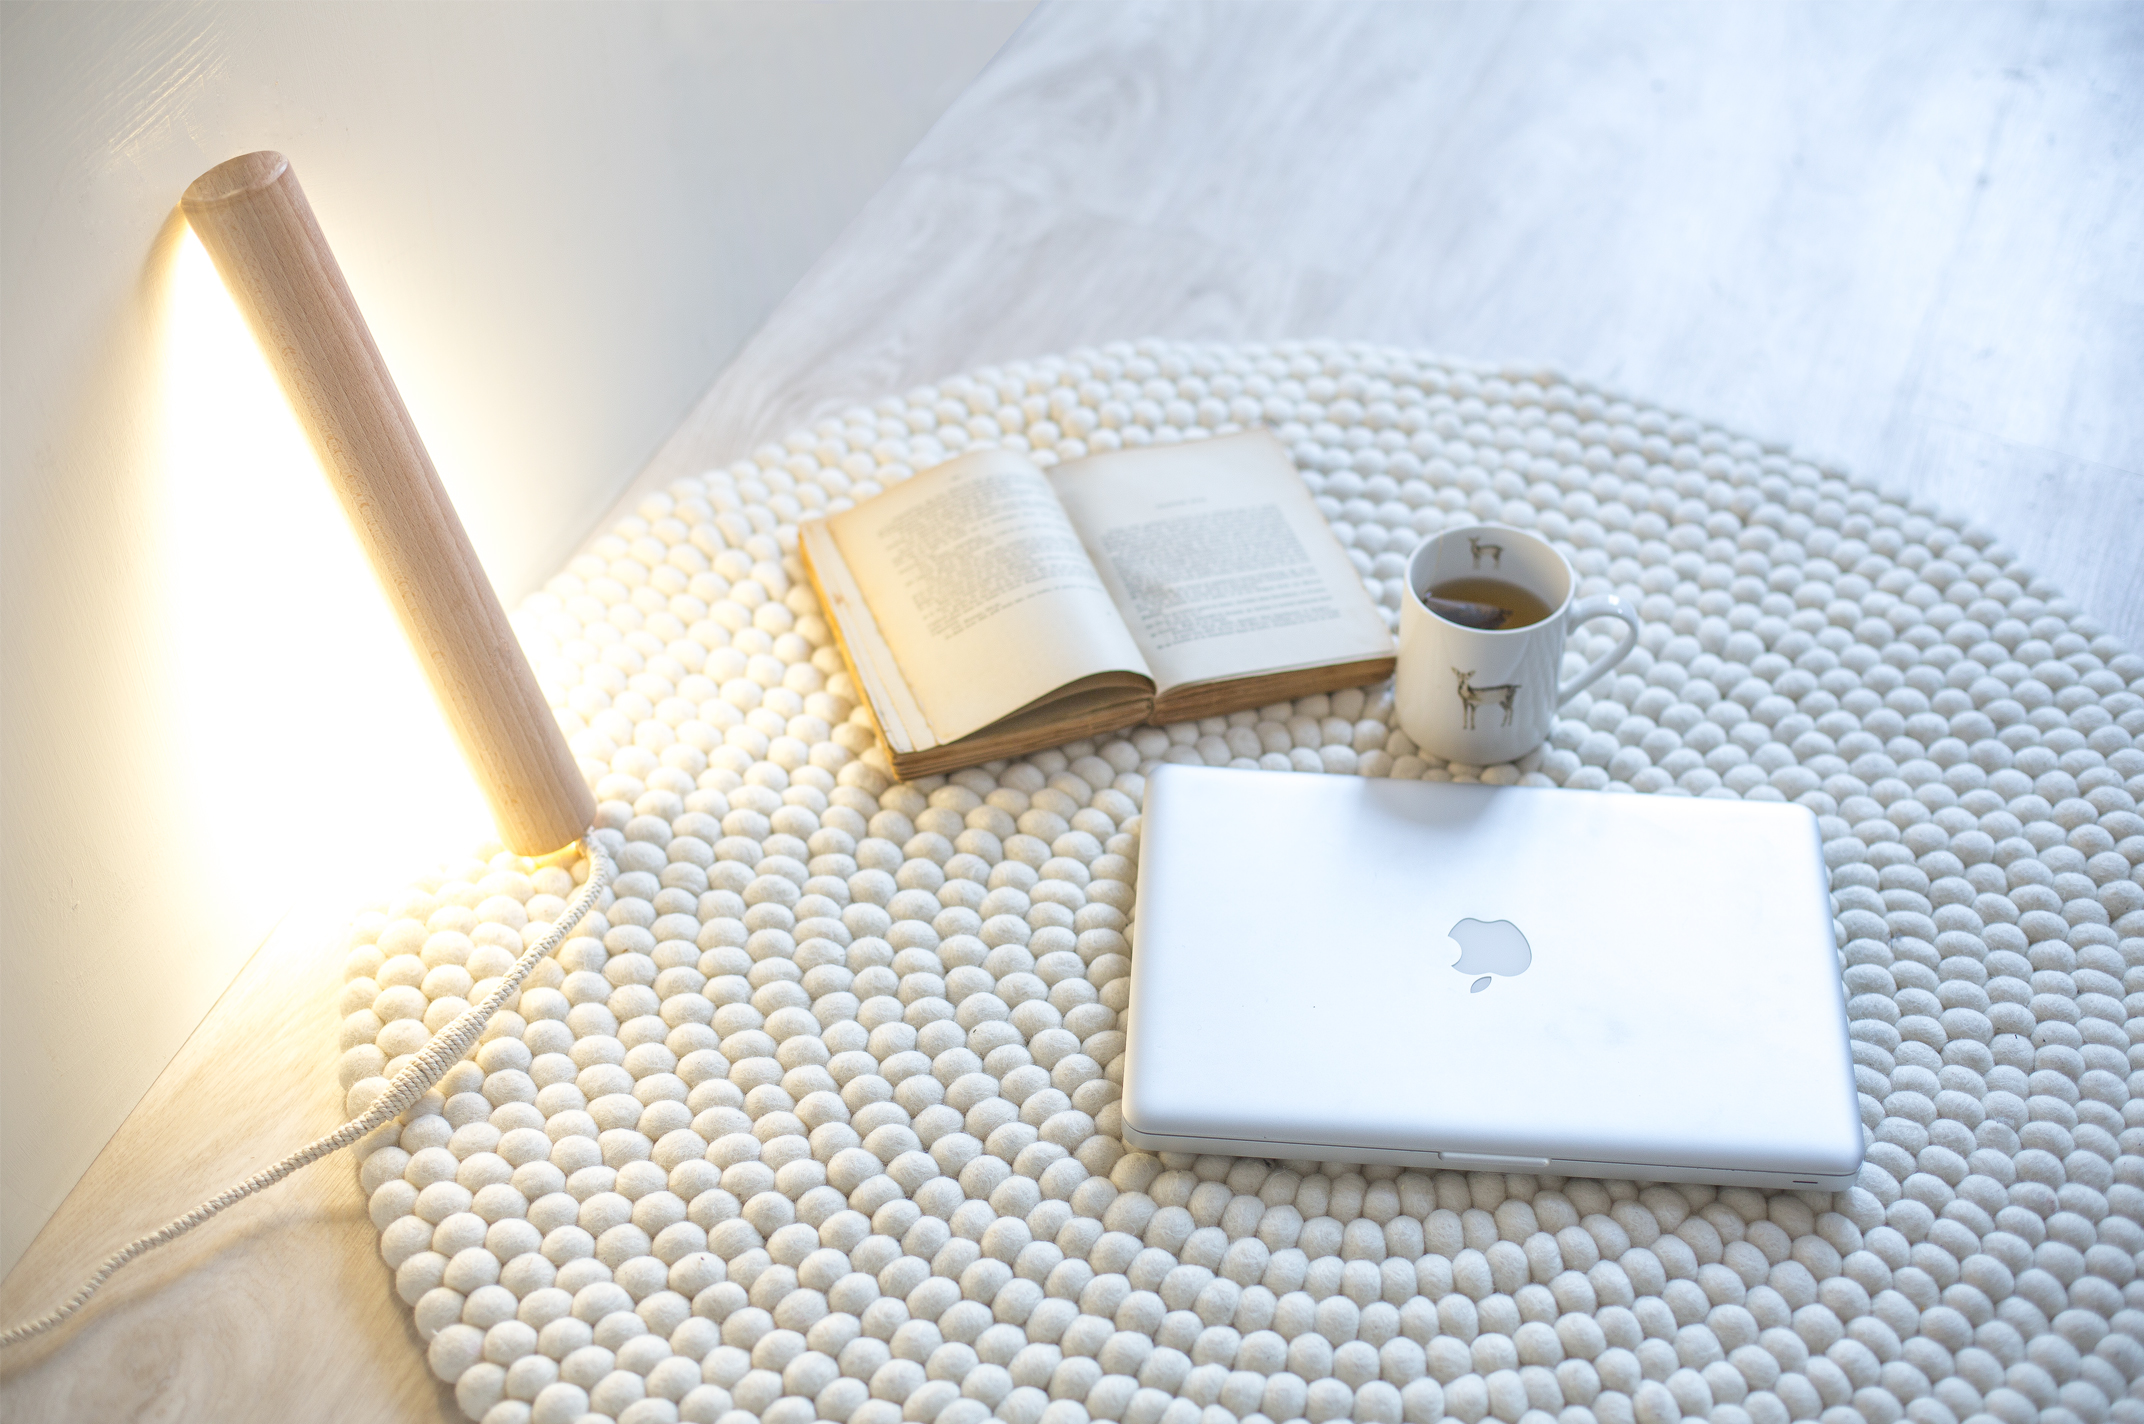 diy cr ez une lampe baladeuse en bois pur e la d licate parenth se diy d co et. Black Bedroom Furniture Sets. Home Design Ideas